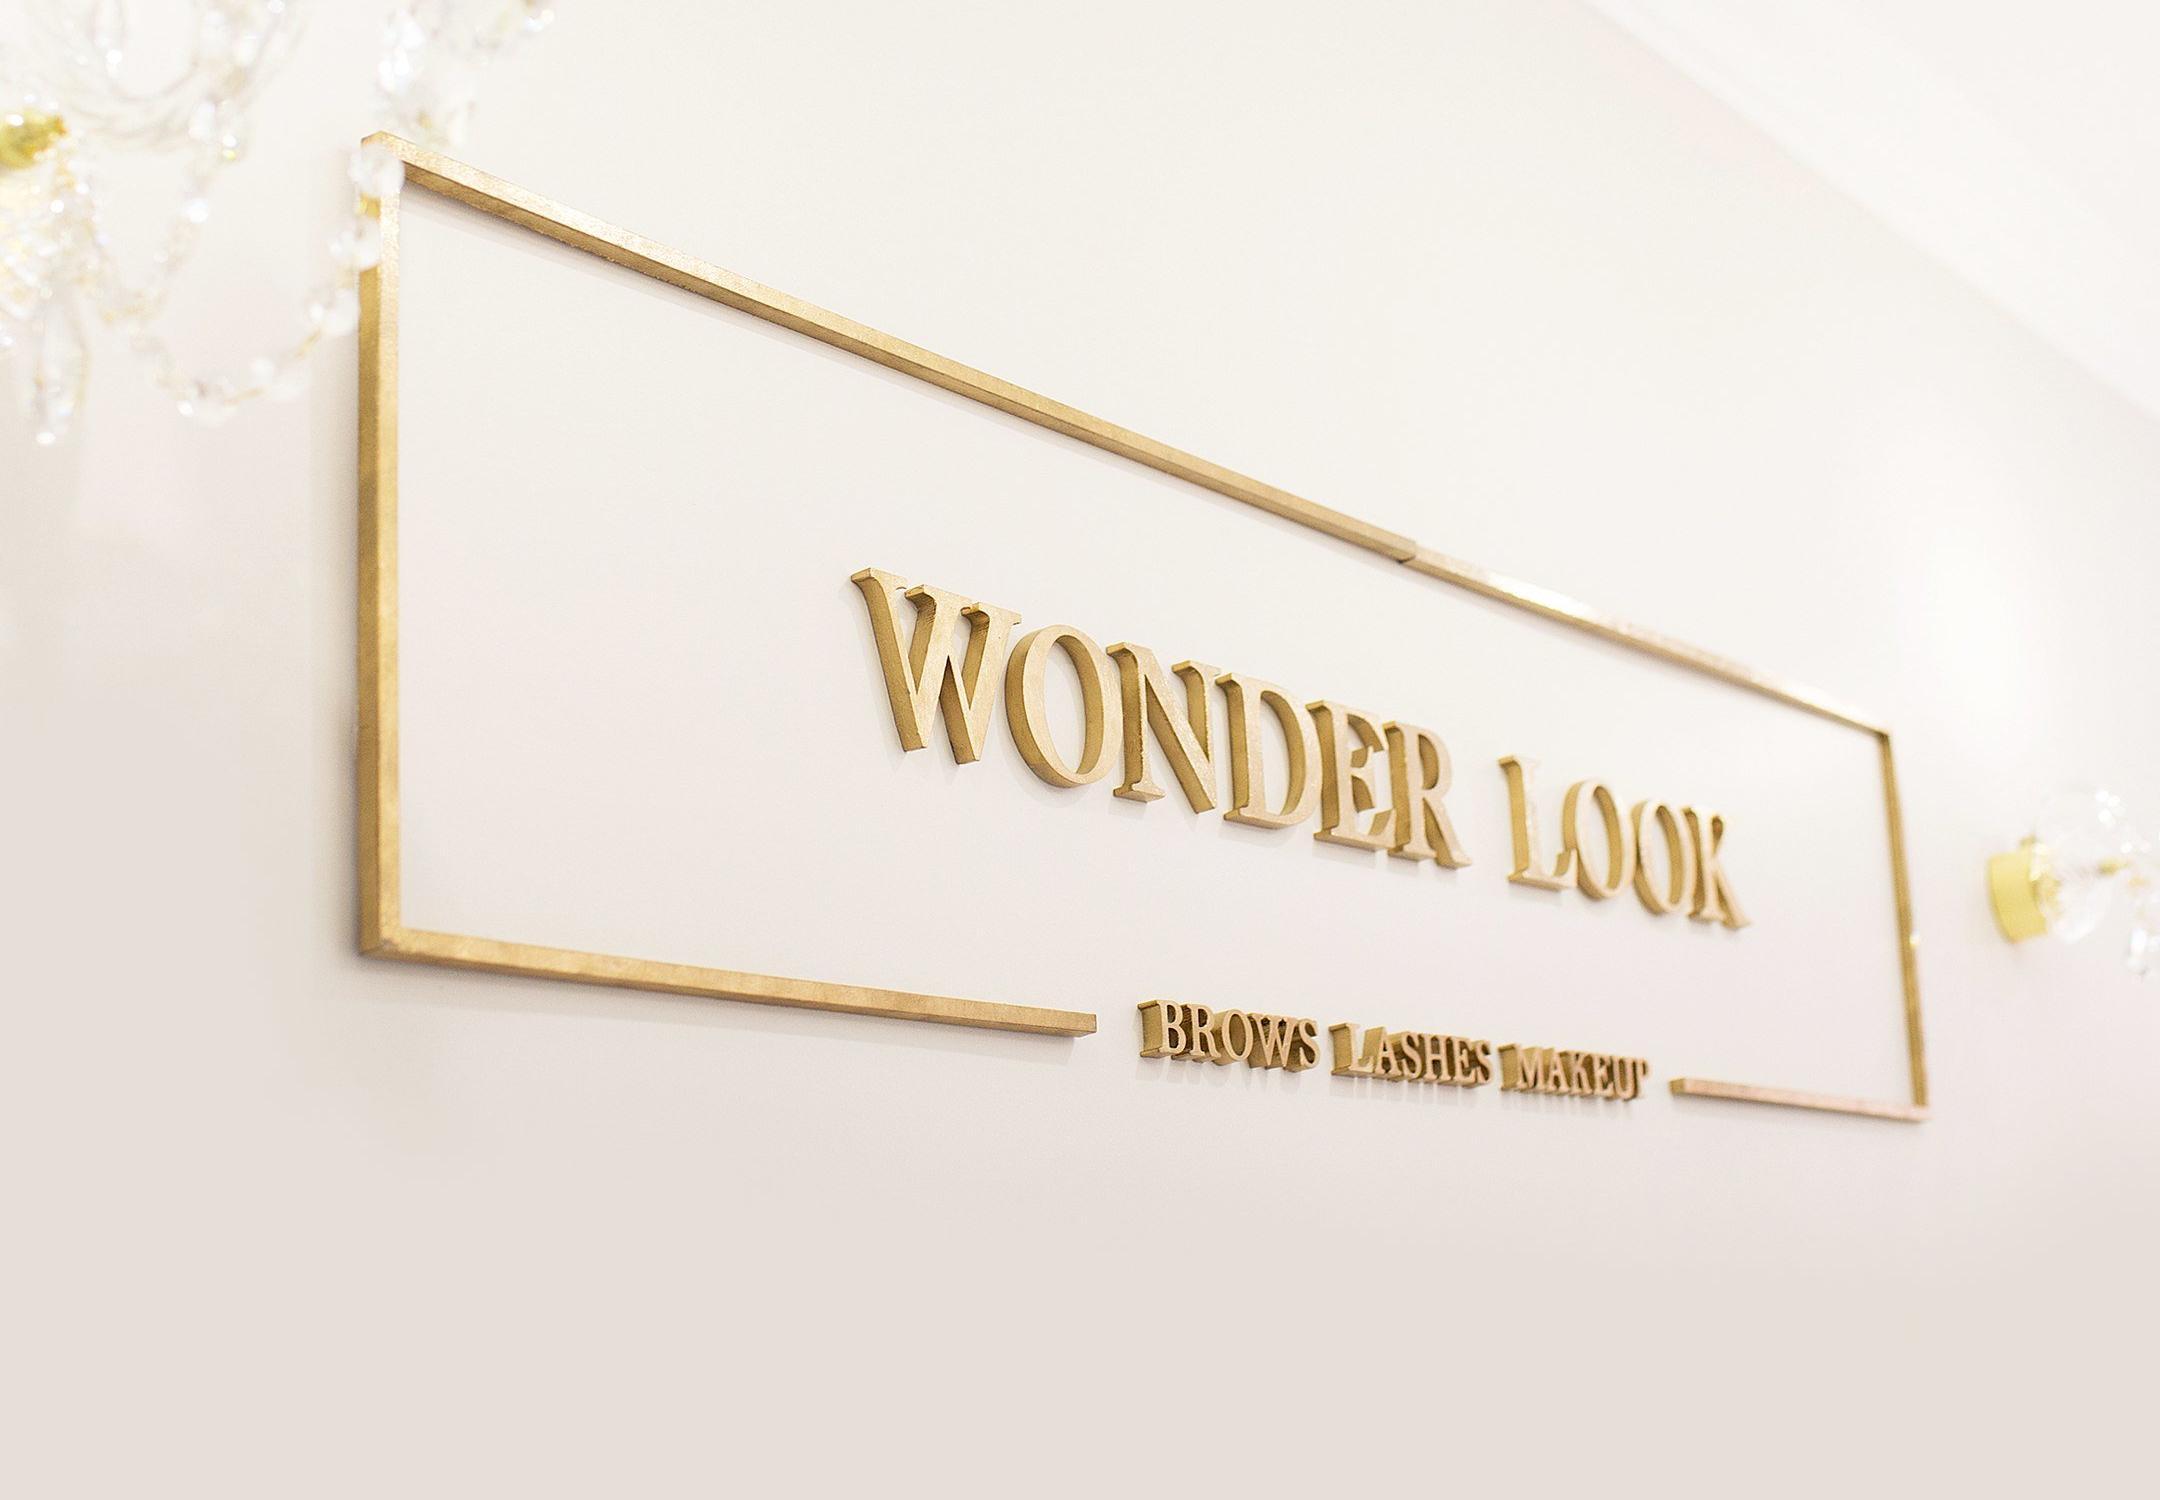 фотография Студии красоты Wonder Look